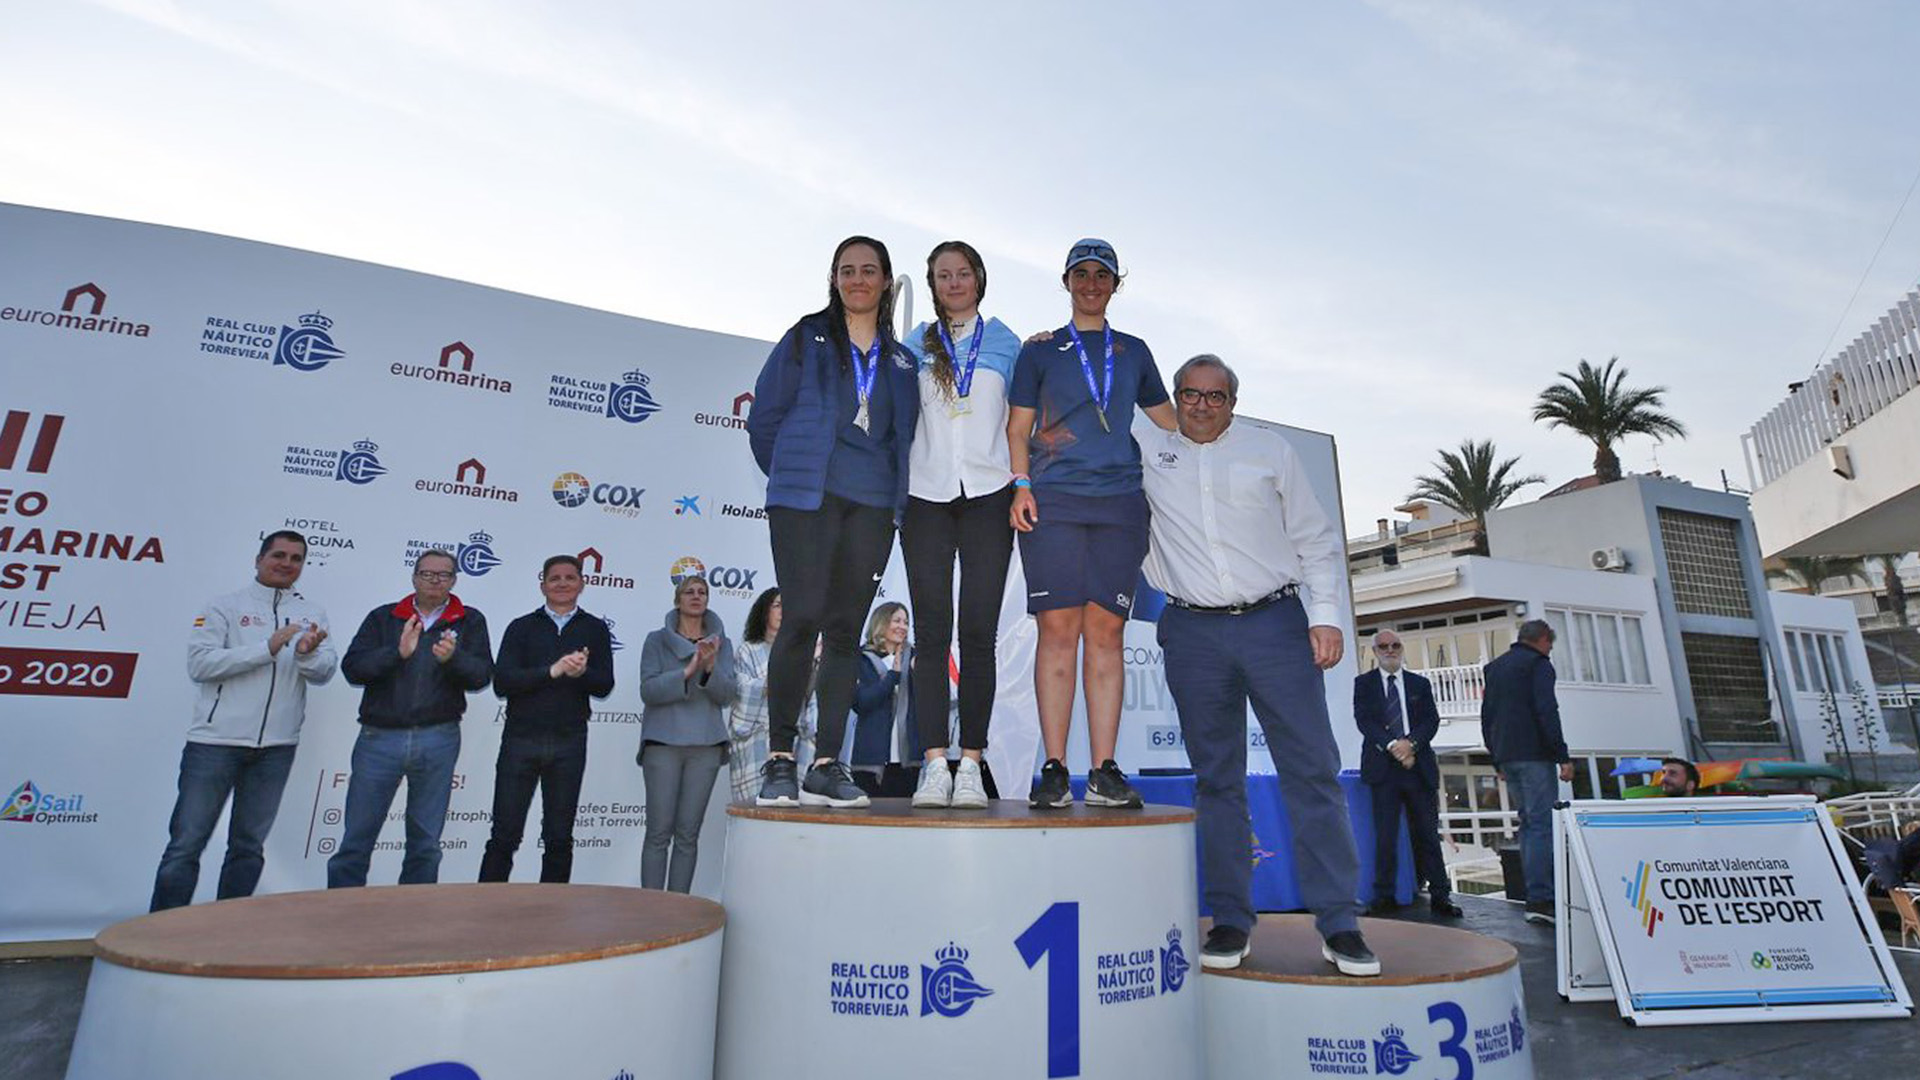 VI Olympic Week Comunitat Valenciana